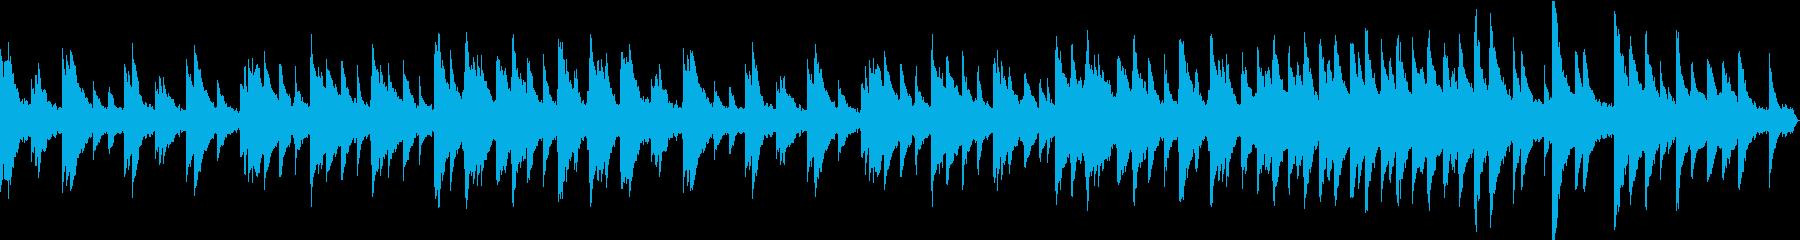 静寂、幻想的、ファンタジーなピアノ楽曲の再生済みの波形